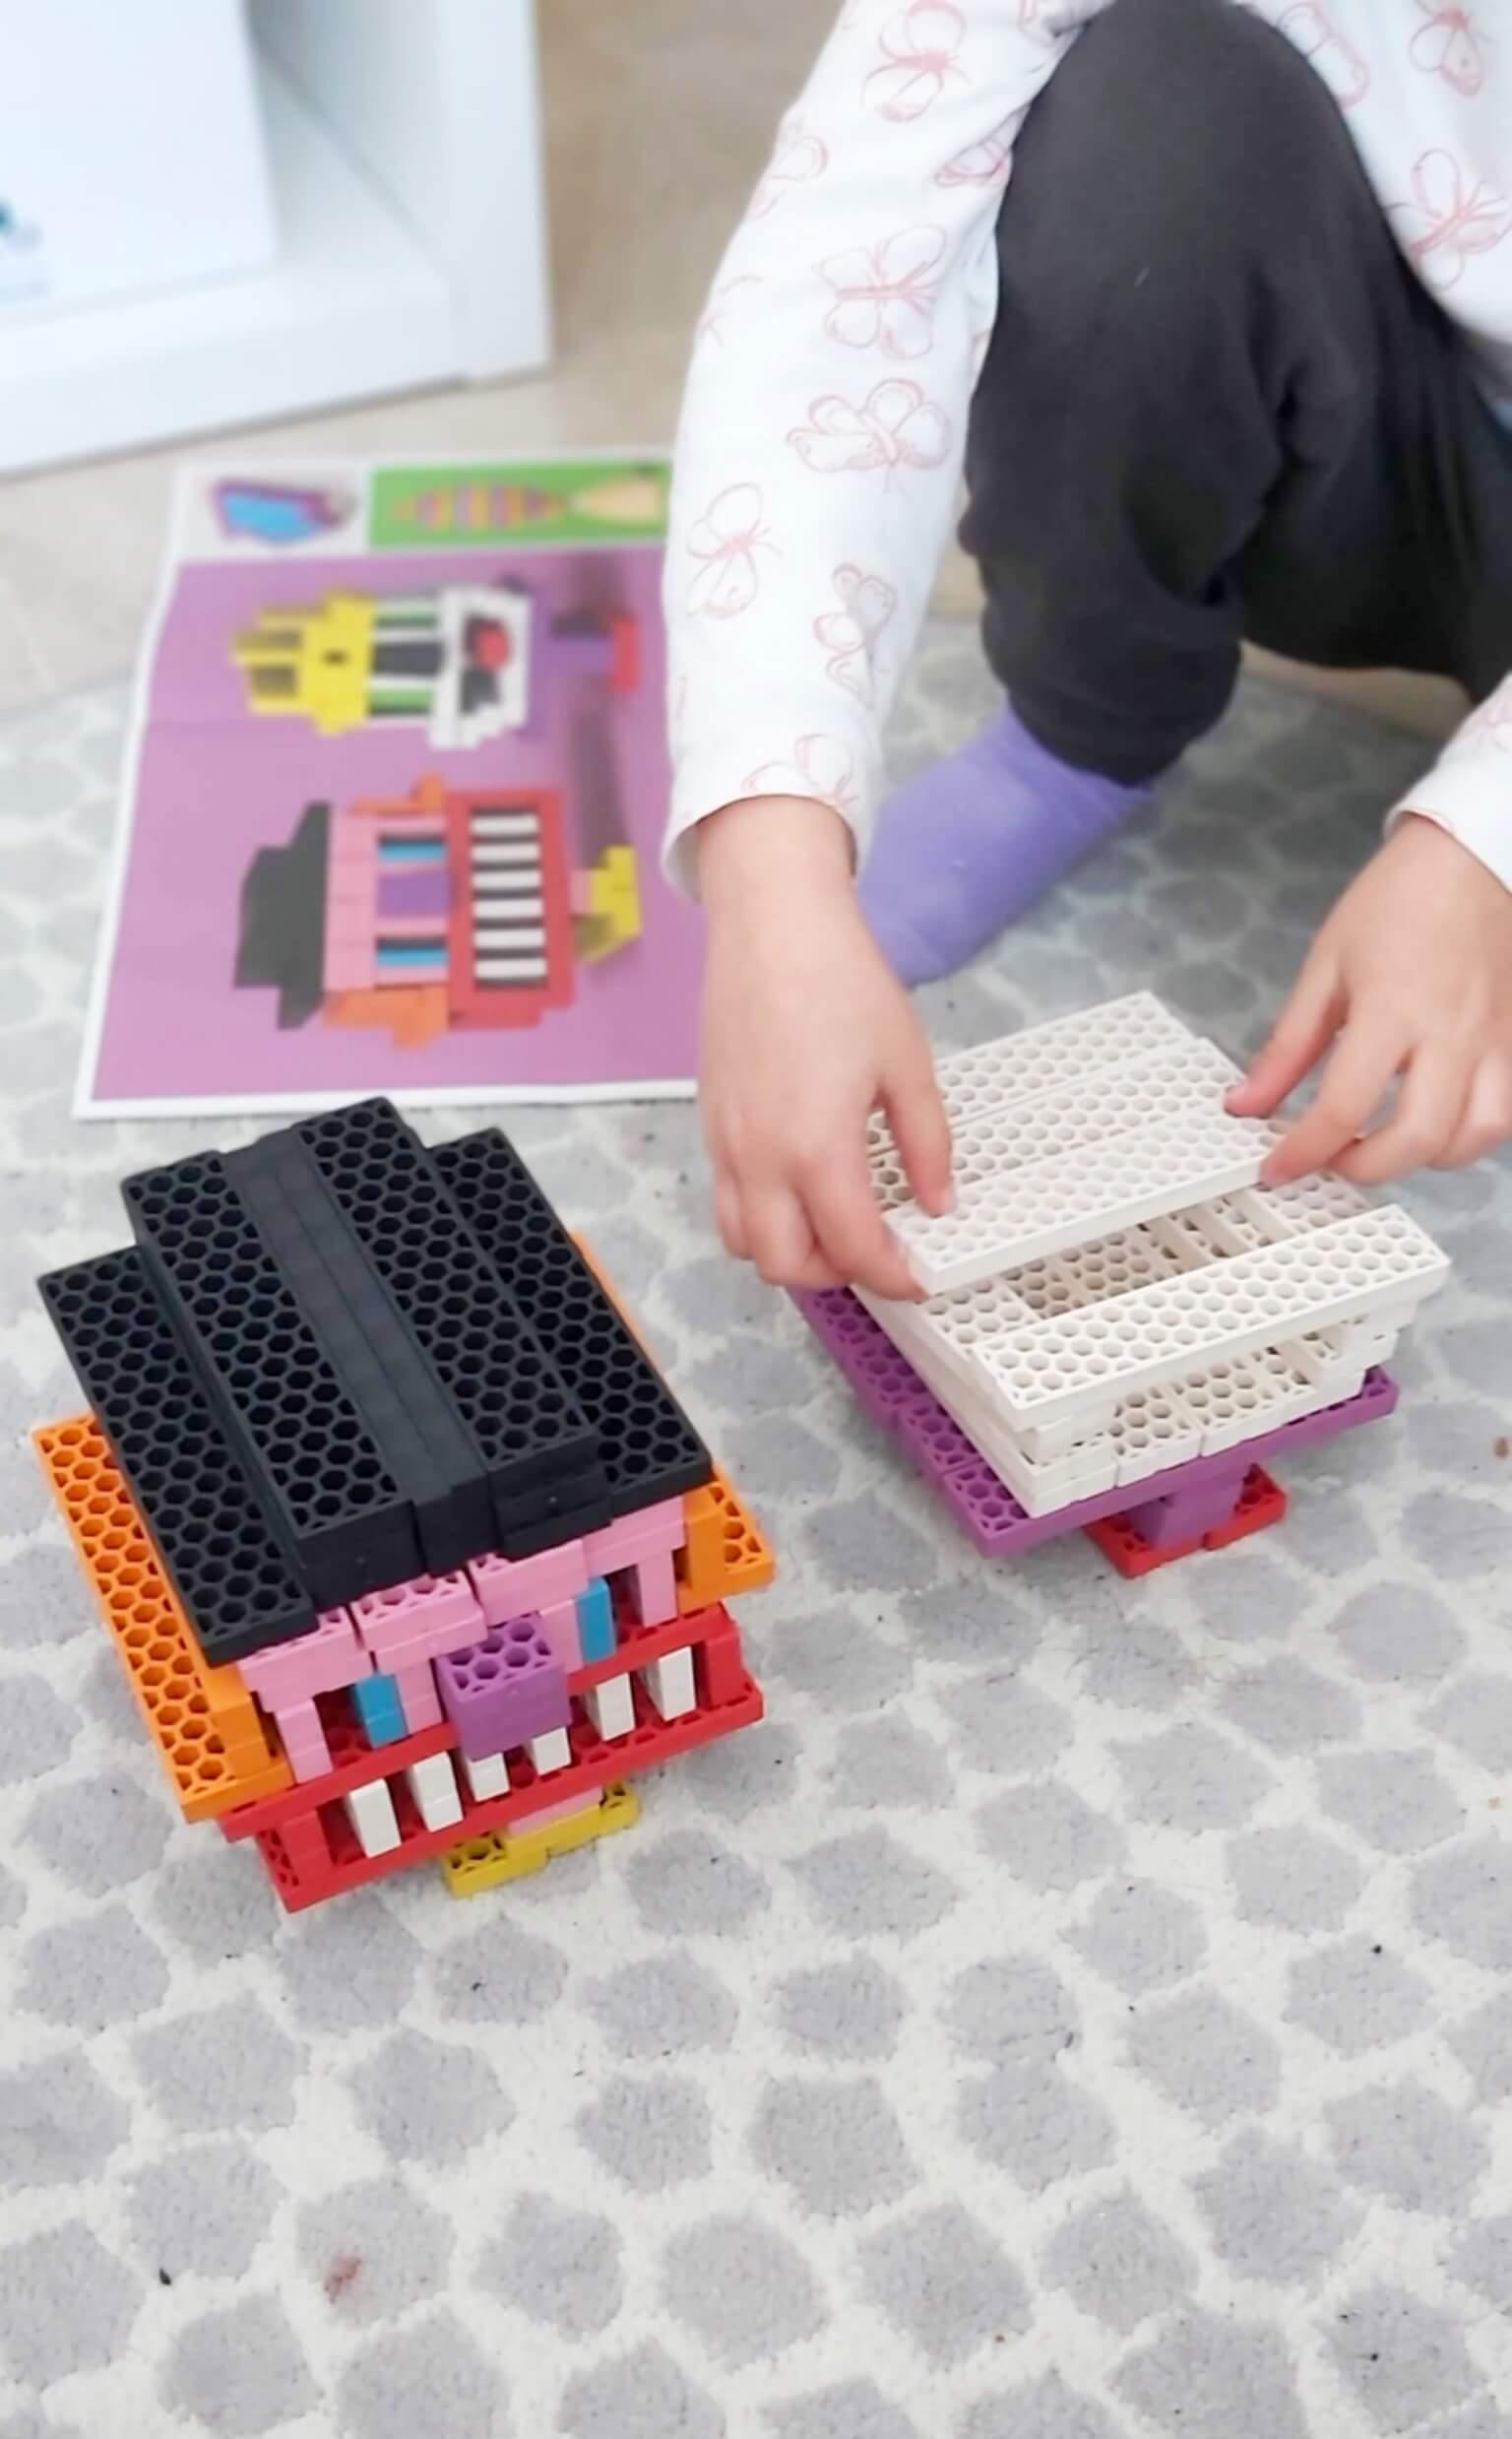 jugar con bloques y construcciones 1